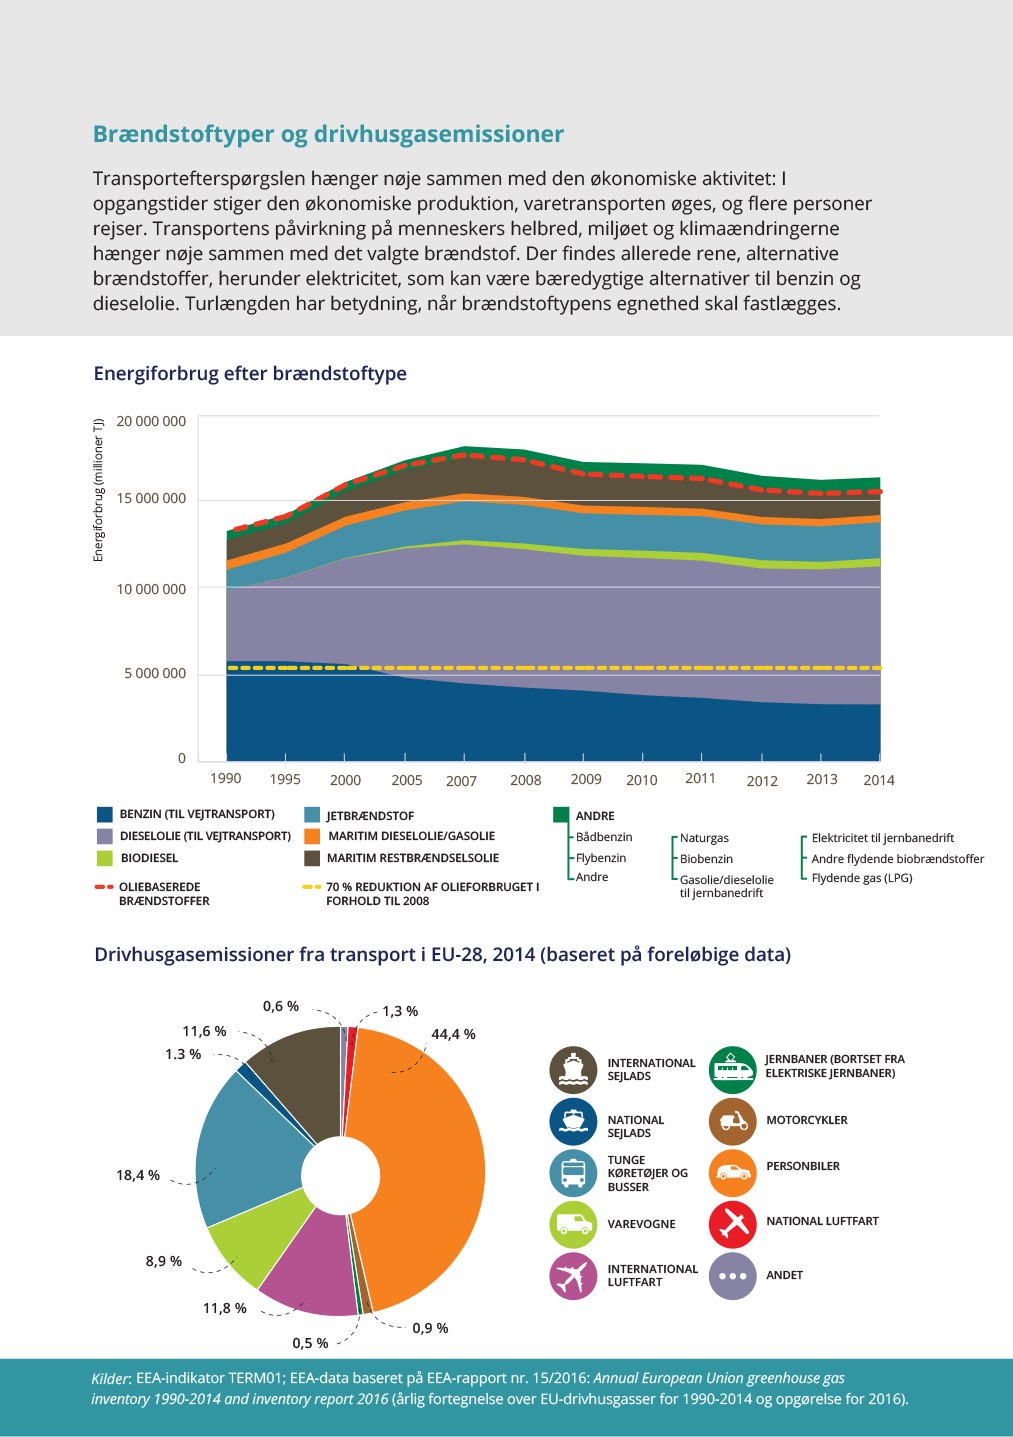 Brændstoftyper og drivhusgasemissioner